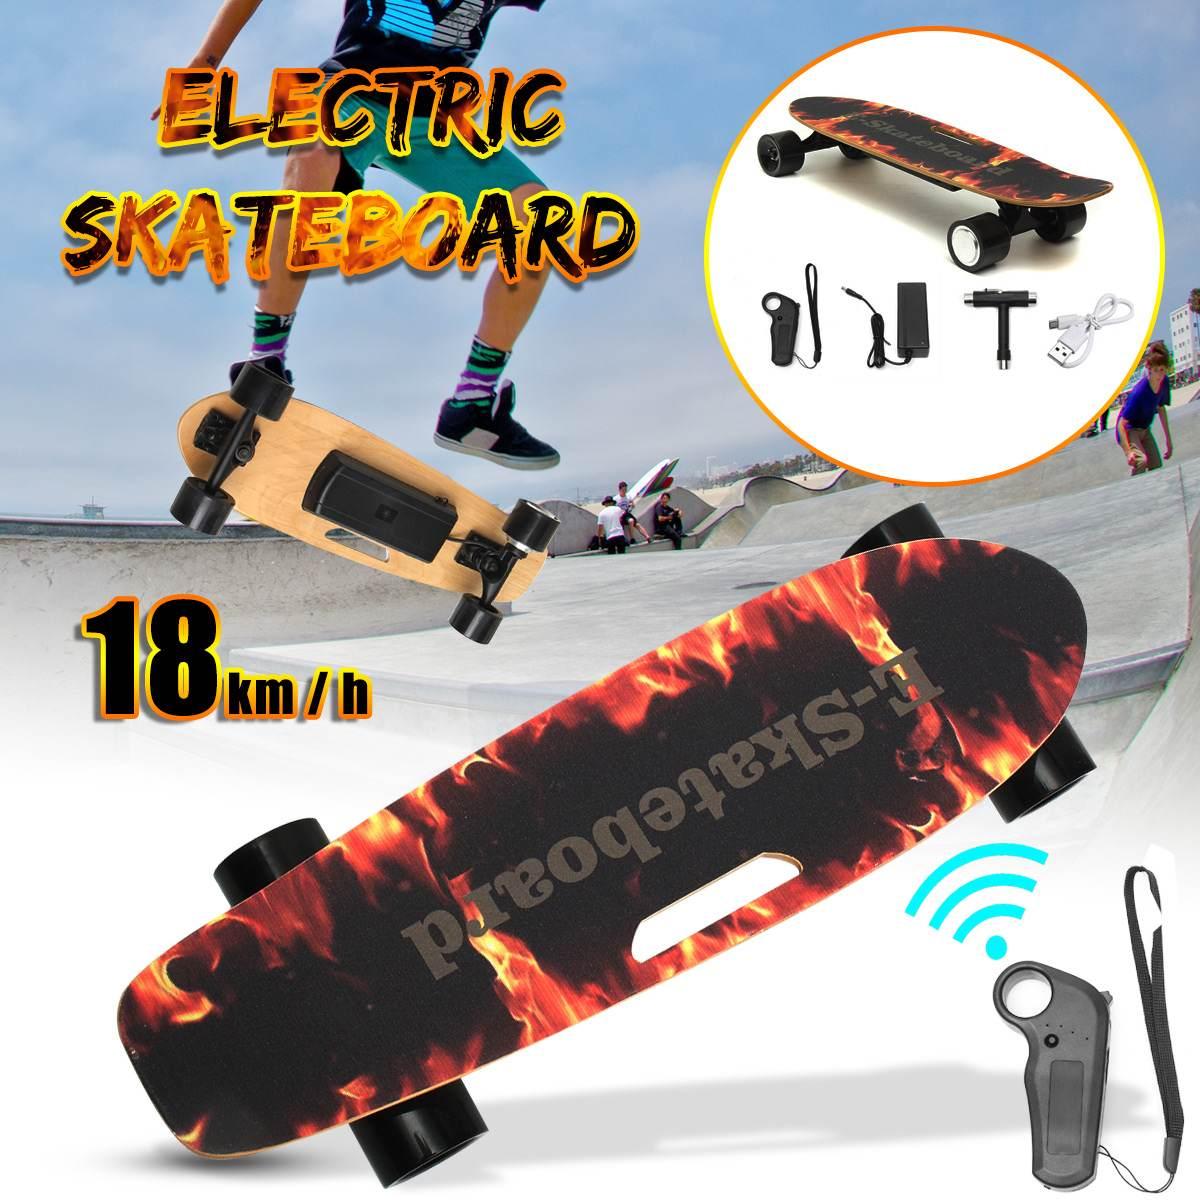 Planche à roulettes électrique à quatre roues Longboard planche à roulettes Maple Deck télécommande sans fil pour enfants adultes